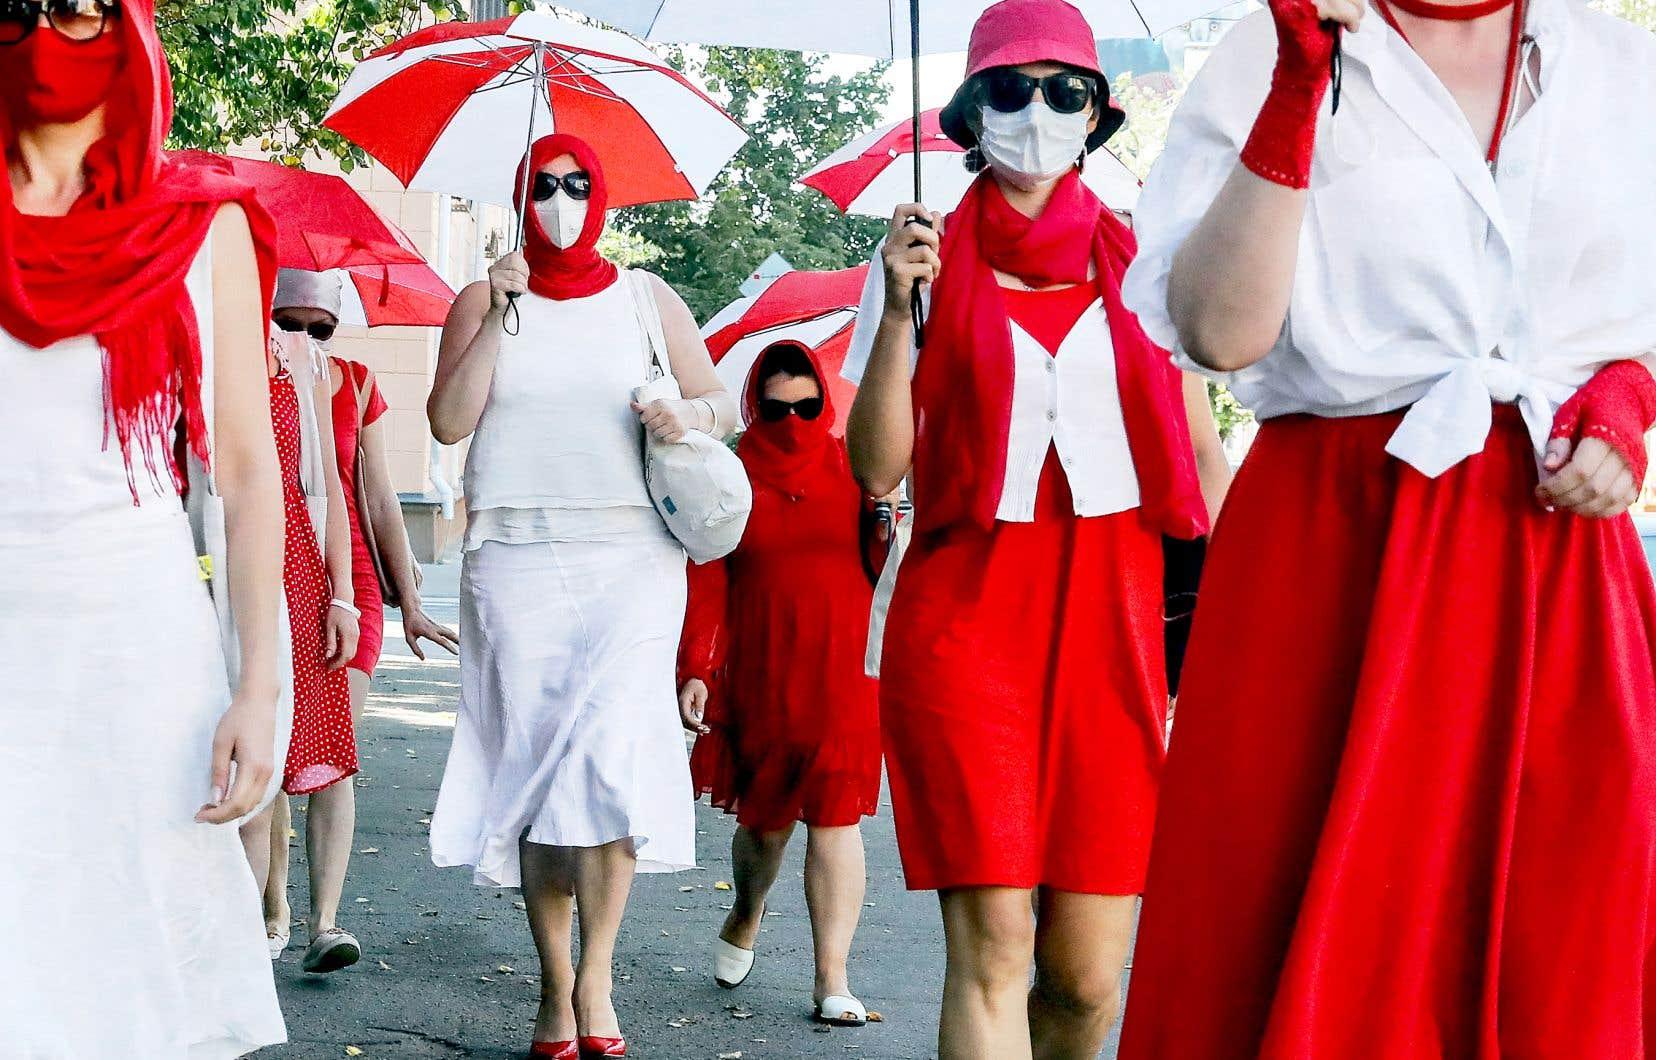 En blanc-rouge-blanc, couleurs de la contestation, des femmes marchaient en juillet dernier dans Minsk, la capitale biélorusse, en soutien aux activistes emprisonnés.